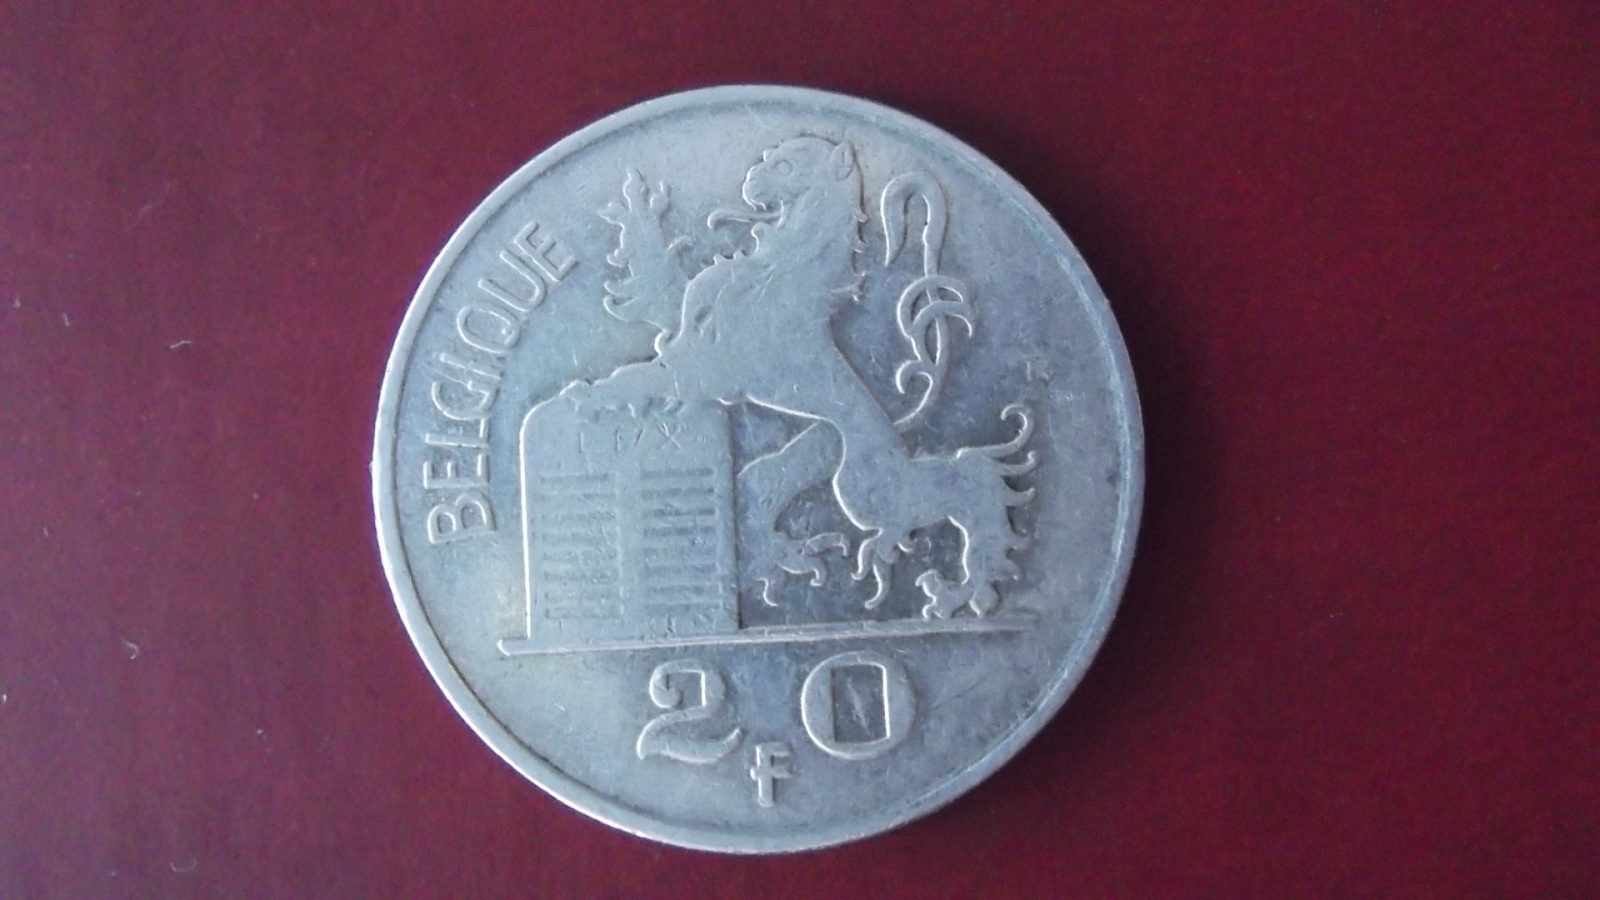 Monedas con leones Wjzxp1